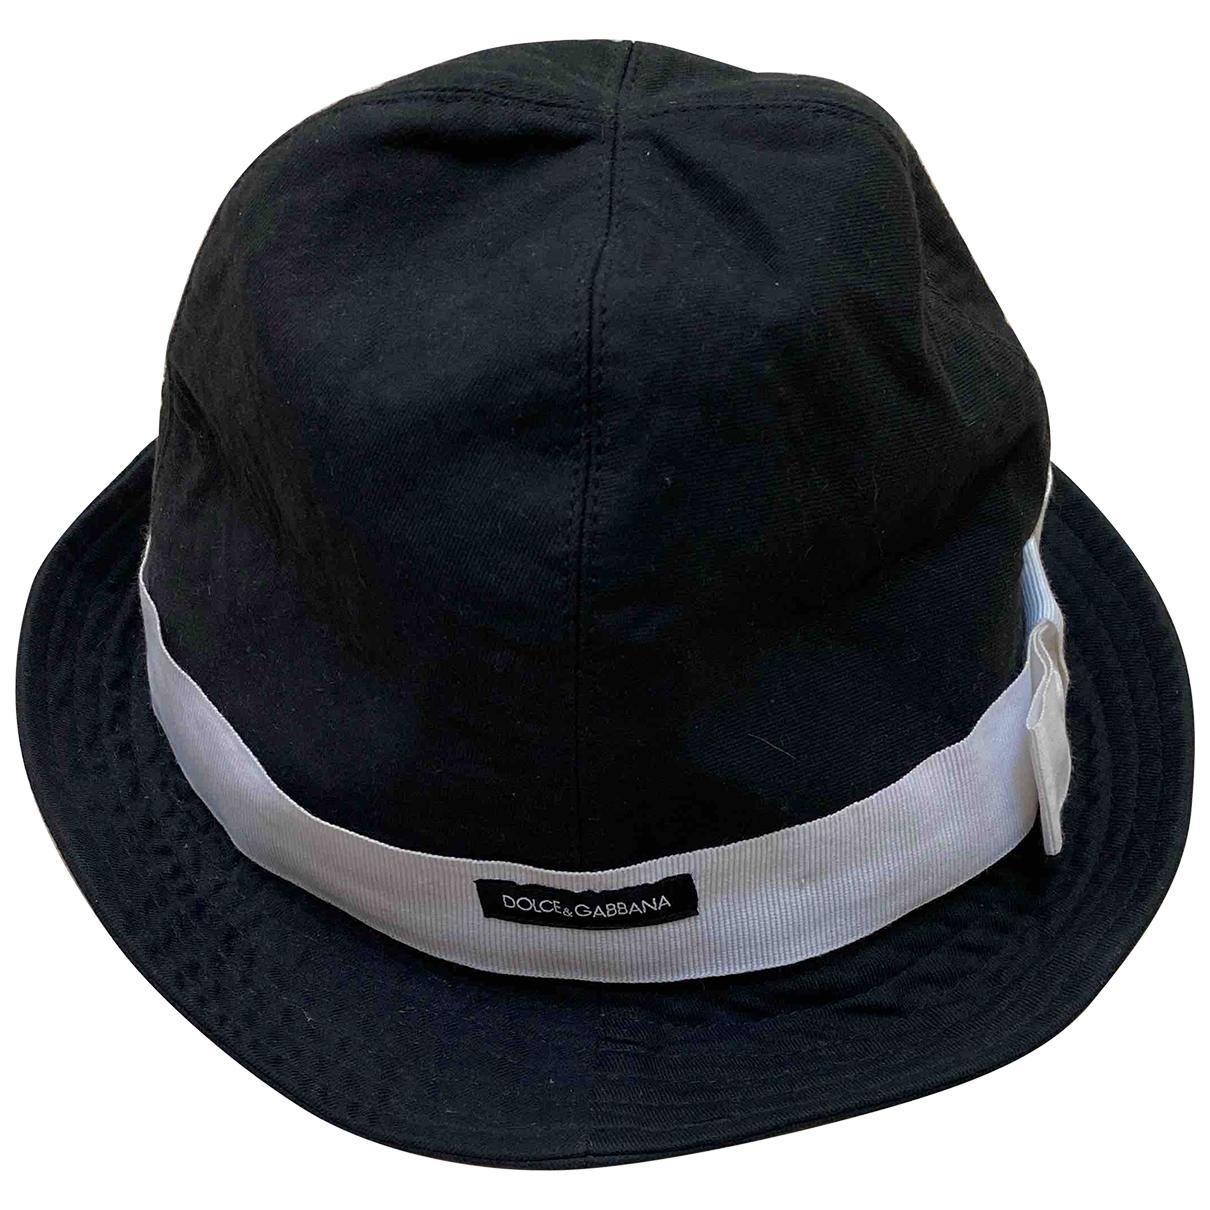 Dolce & Gabbana - Chapeau   pour femme en coton - noir